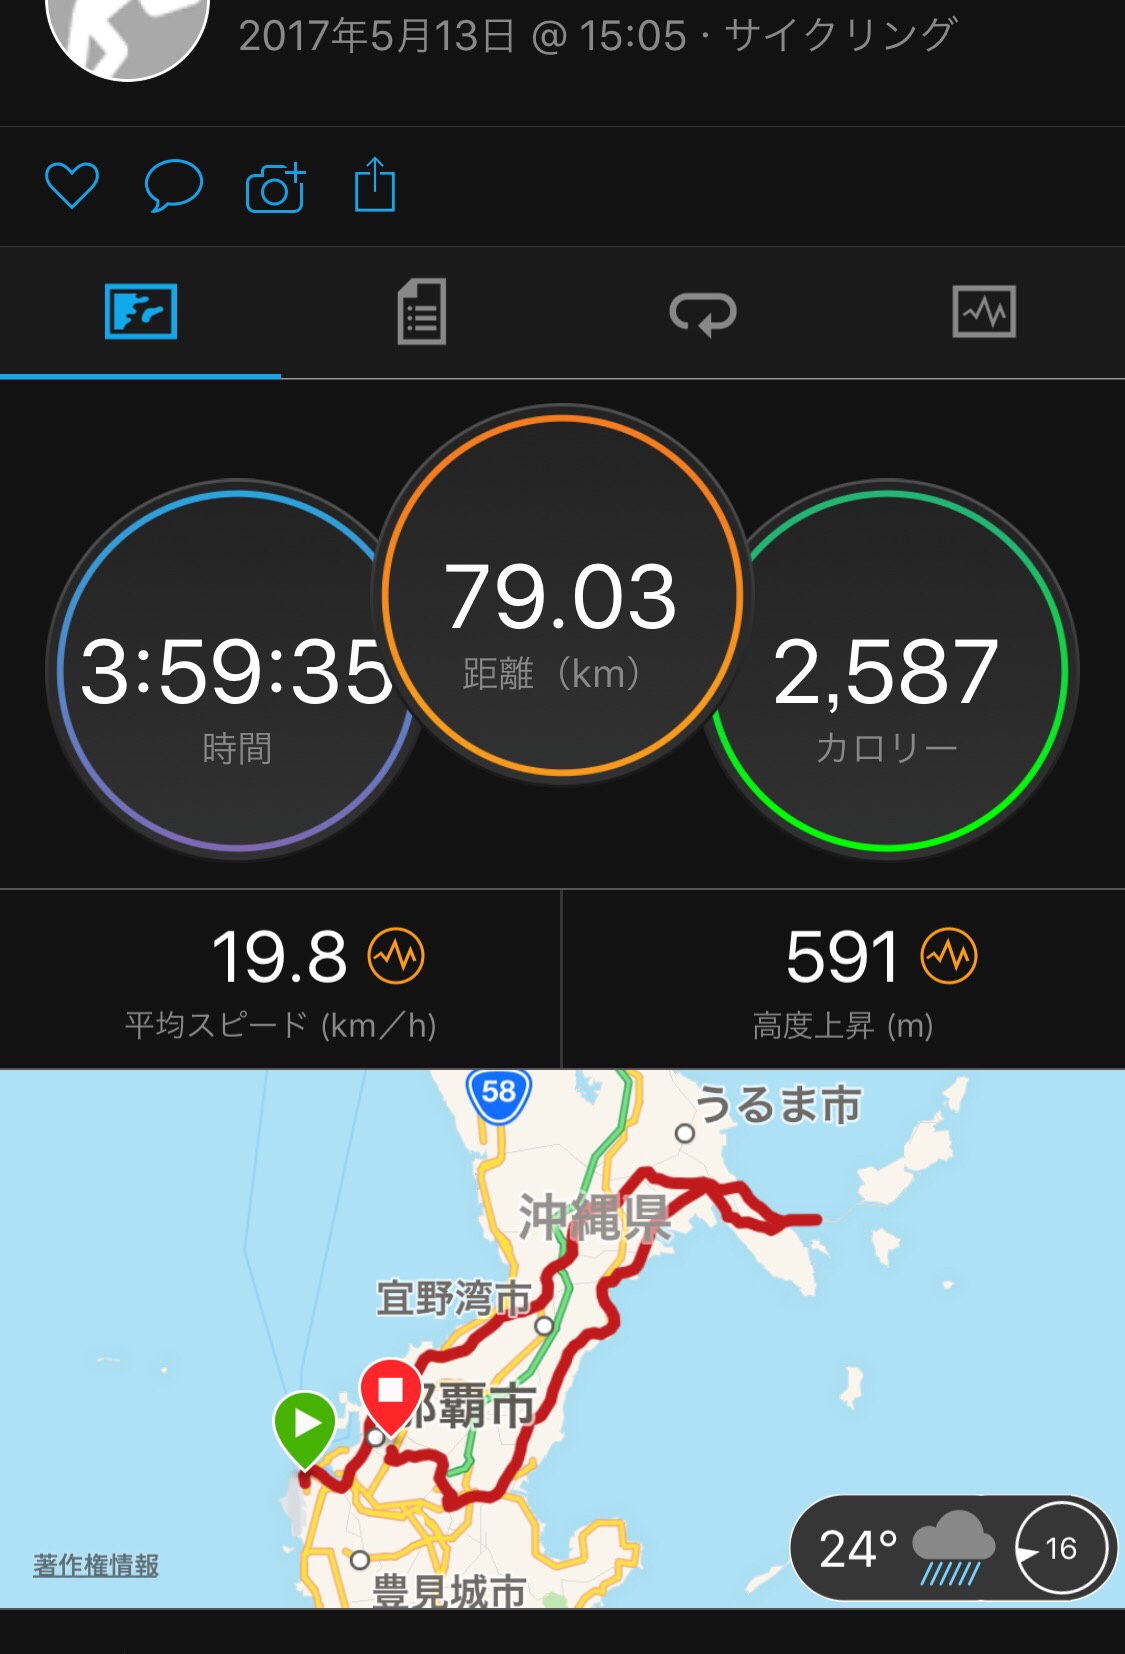 5月13日サイクリングデータ 沖縄 海中道路 那覇空港